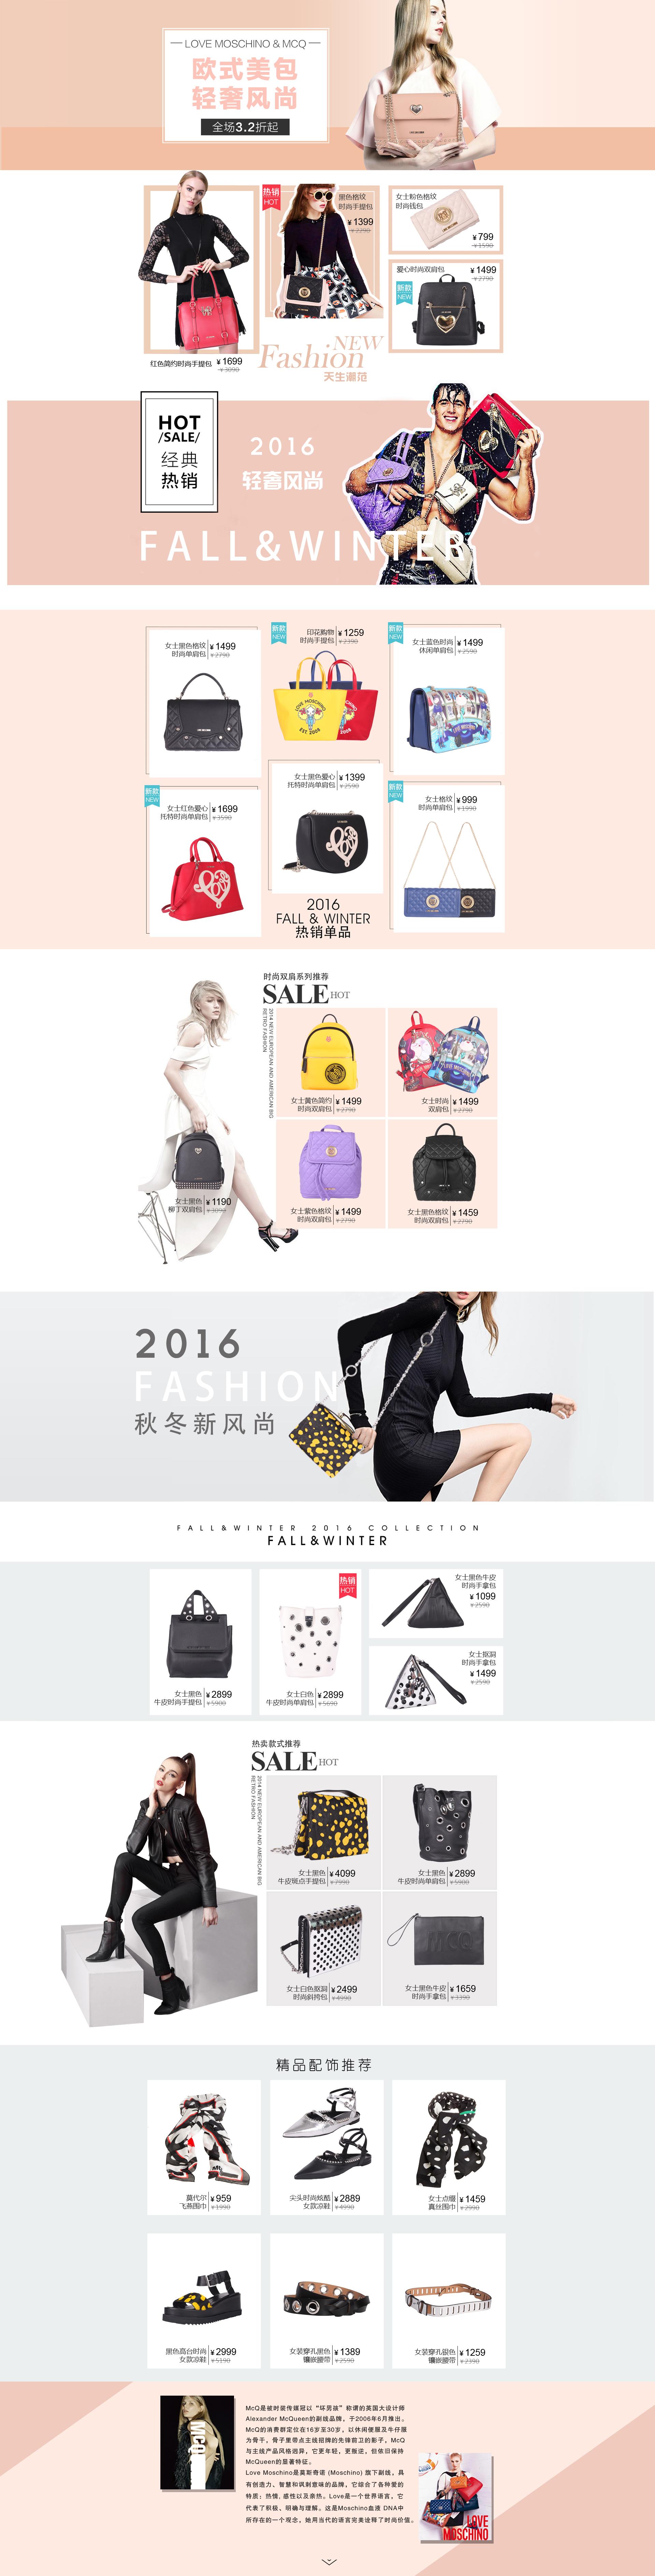 电商网页设计图片